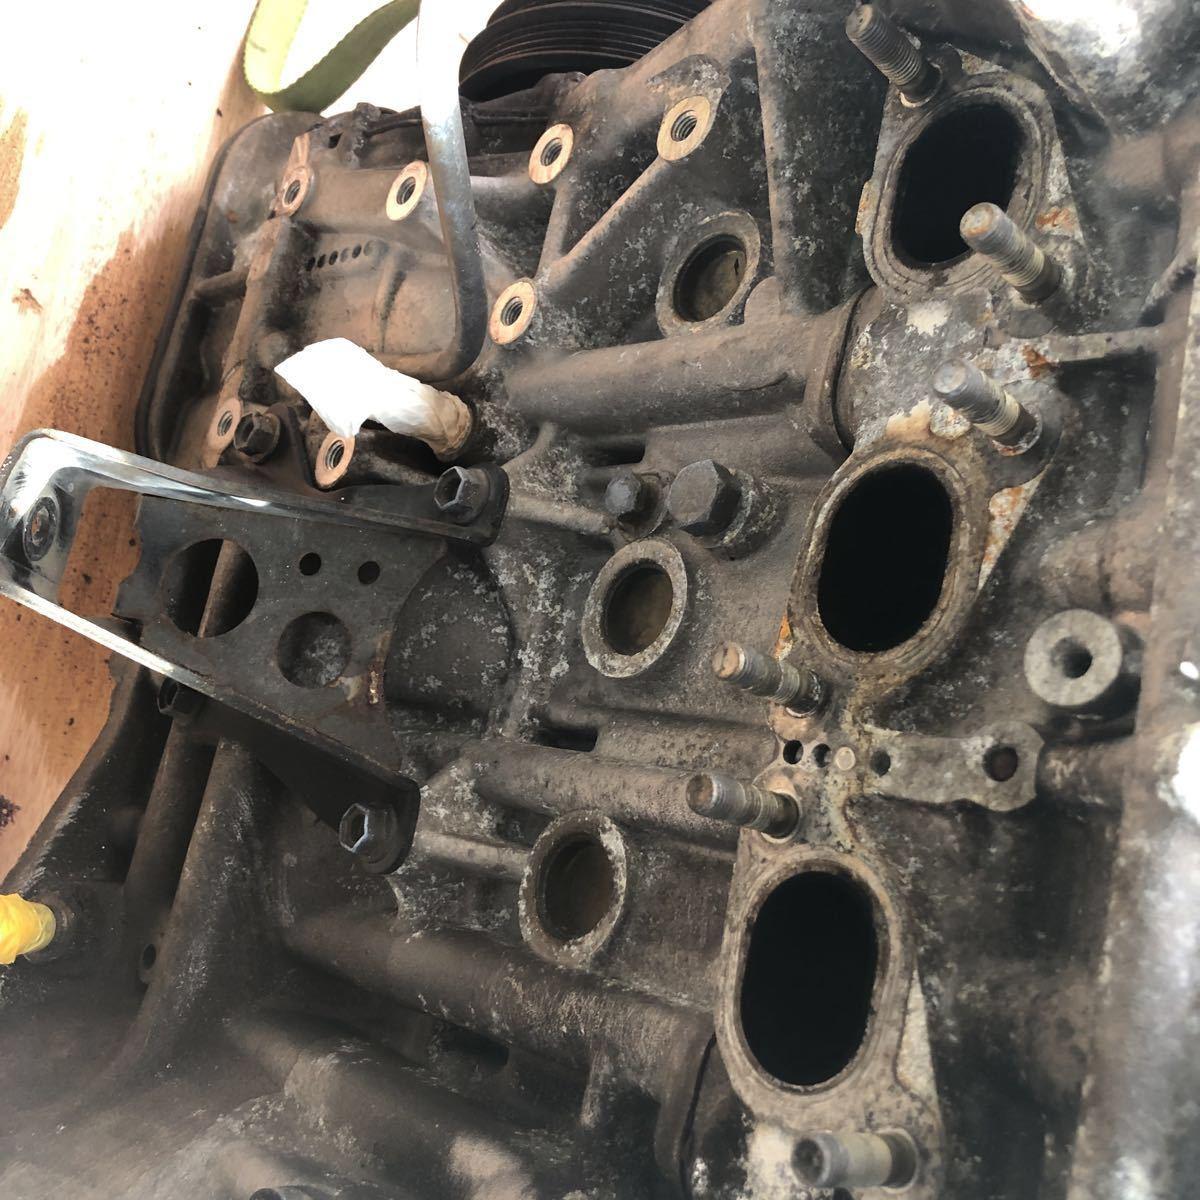 SR20 ターボエンジン S15 ヘッドガスケットメタル 社外カム エンジンのみ シルビア_画像8